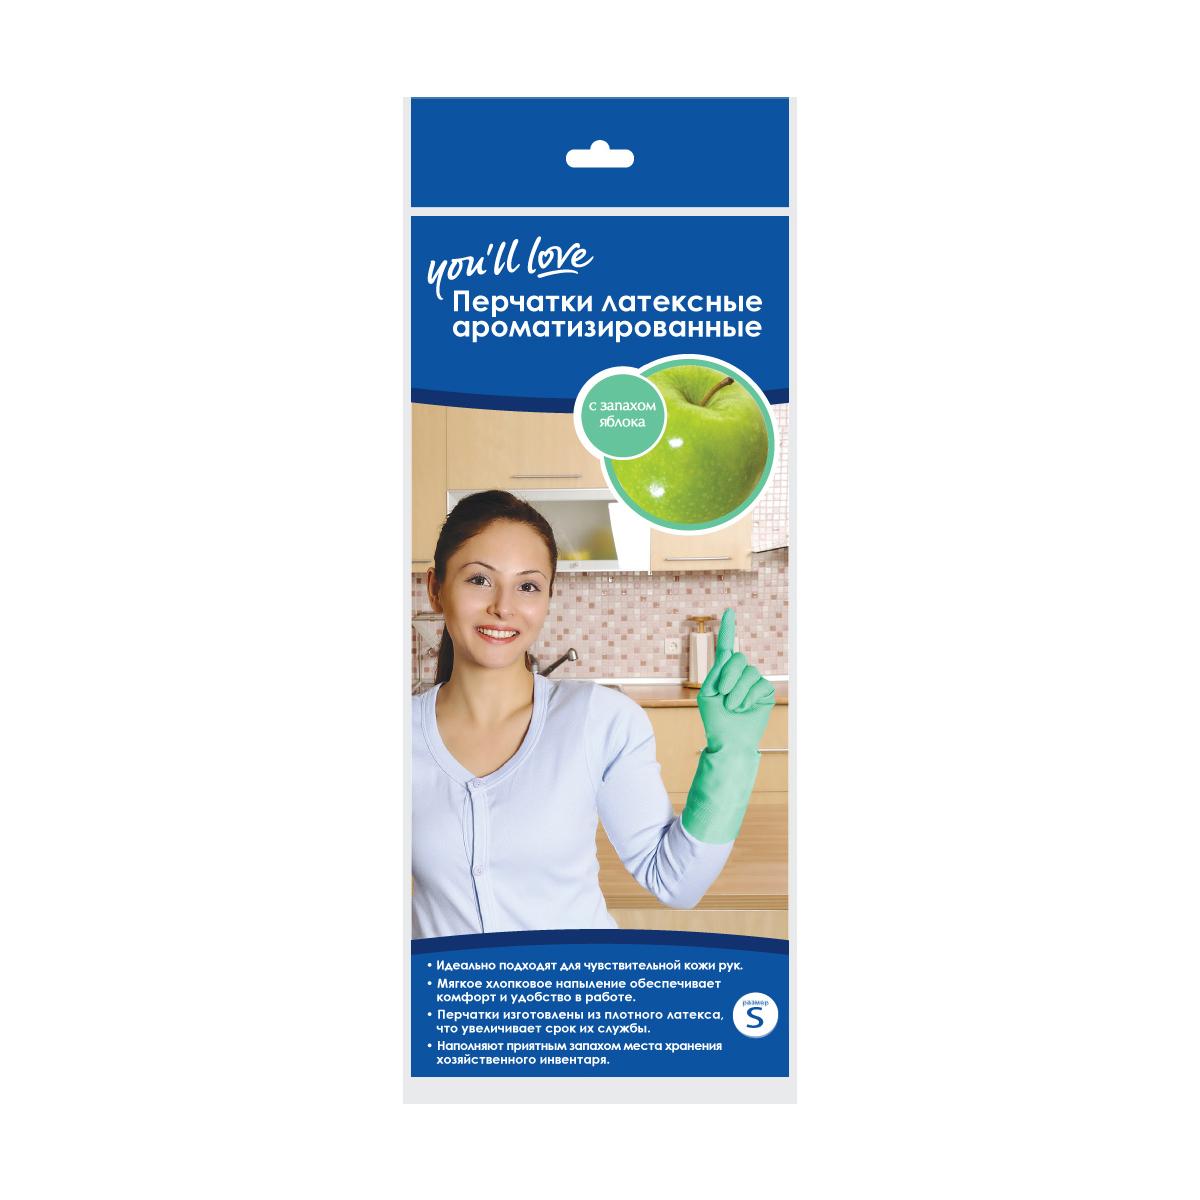 Перчатки латексные ароматизированные Youll love, аромат яблока. Размер L60318Перчатки латексные ароматизированные Youll love с хлопковым напылением защищают ваши руки от загрязнений, воздействия моющих и чистящих средств. Приятный аромат при использовании и в местах хранения. Плотный латекс увеличивает срок службы перчаток. Рифленая поверхность в области ладони защищает от скольжения.